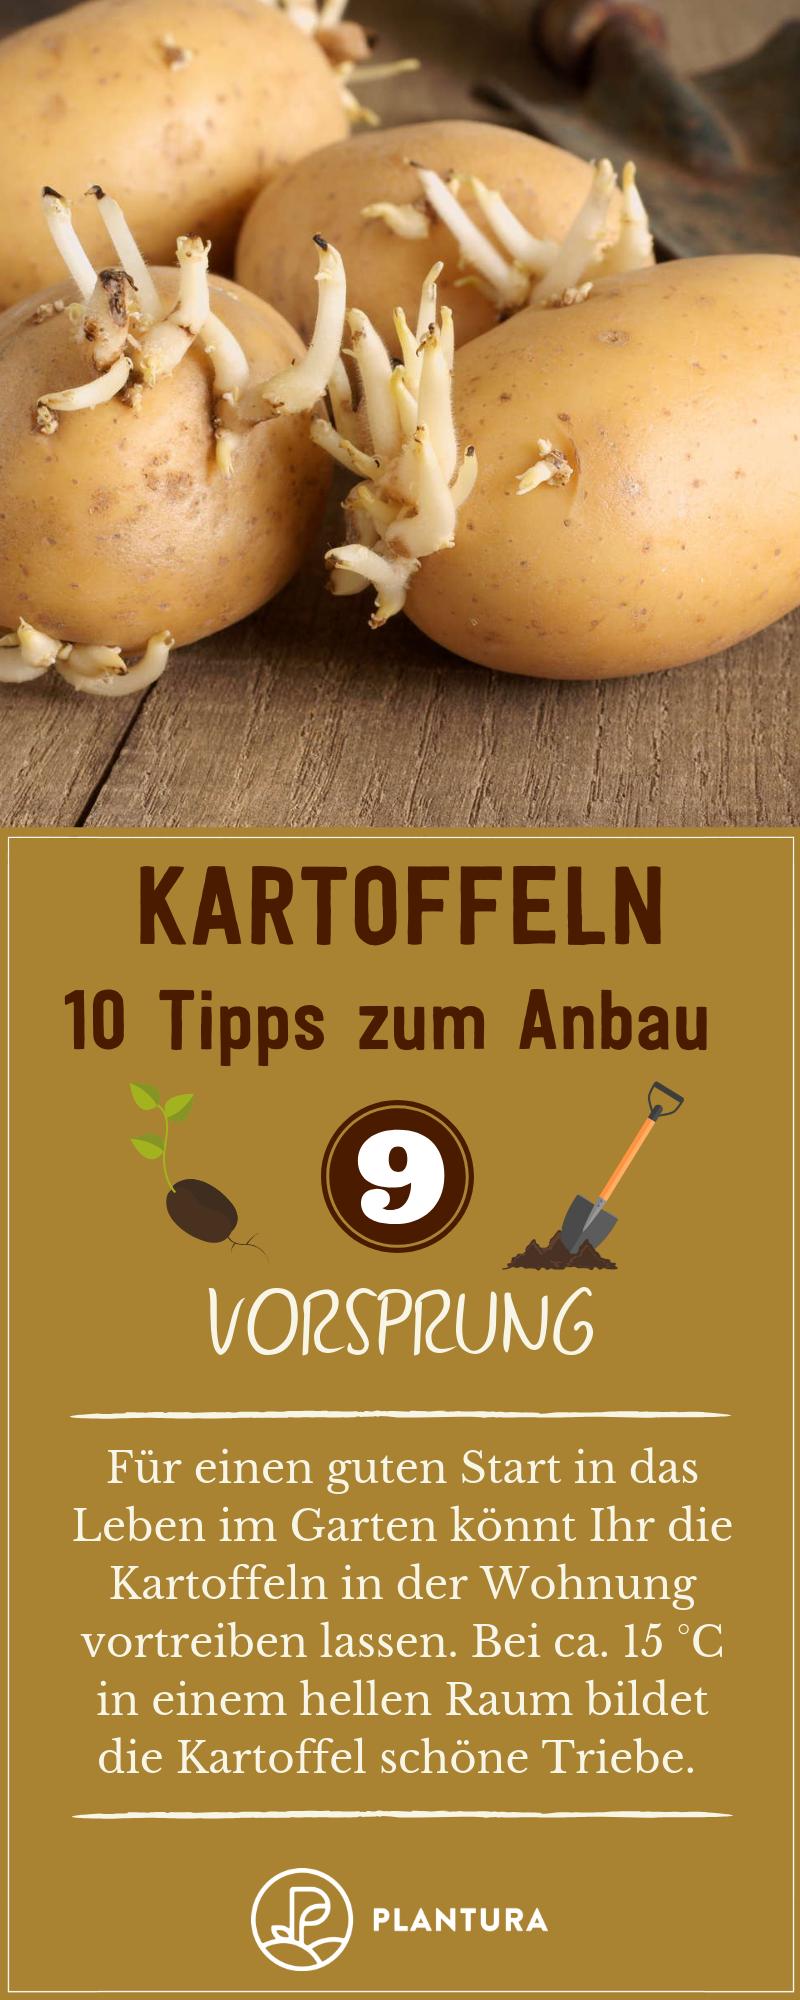 10 Tipps für den Kartoffelanbau im eigenen Garten #kräutergartendesign